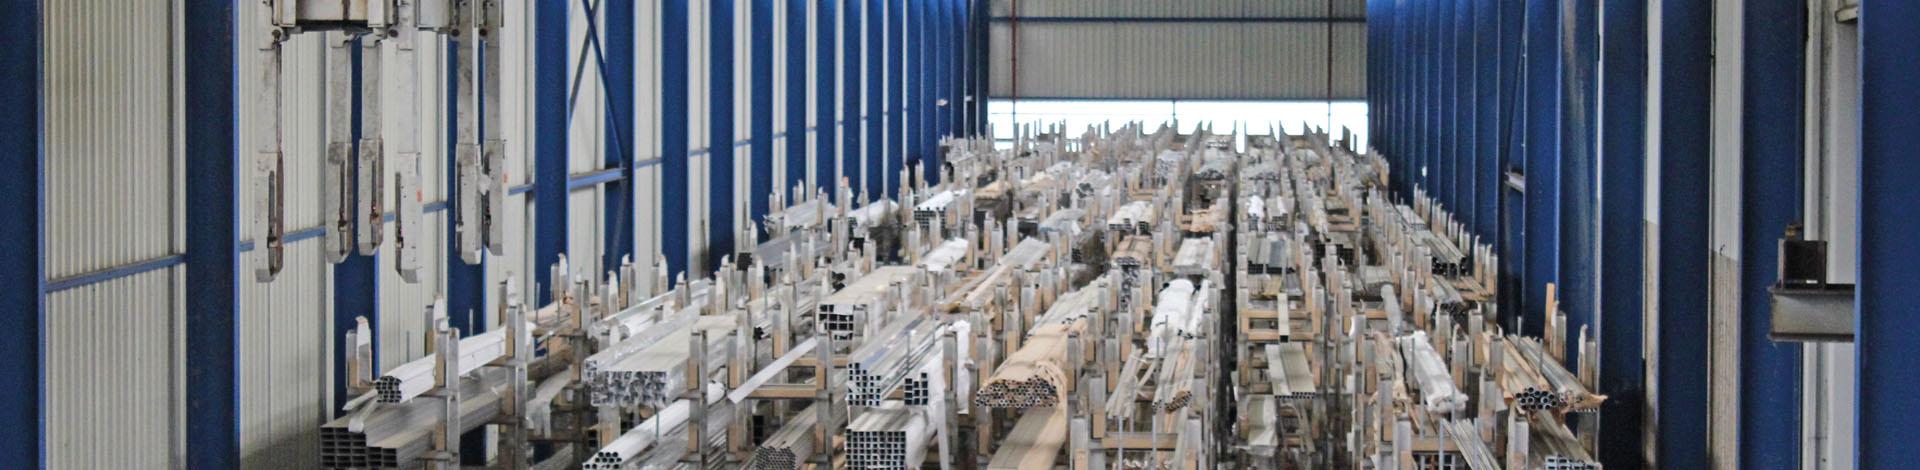 Stahl, Anarbeitung und mehr aus Geislingen an der Steige: SÜLZLE Hagmeyer